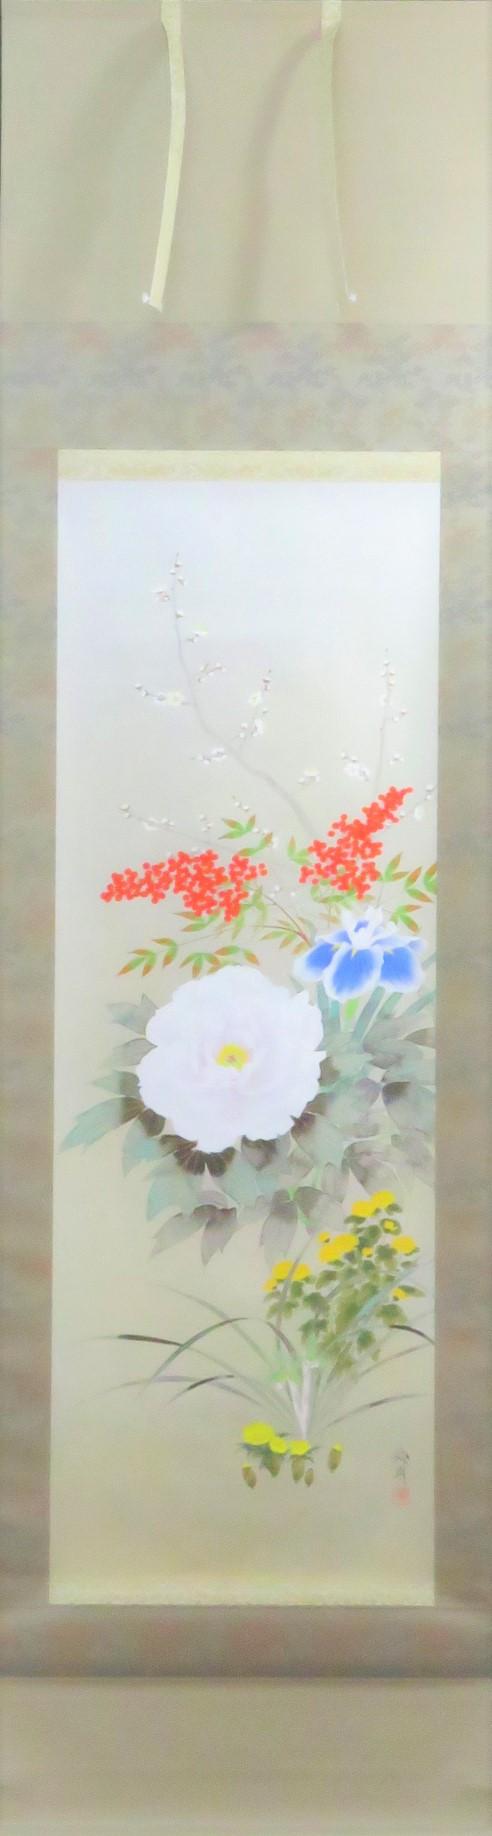 出口華凰作「四季花」 1